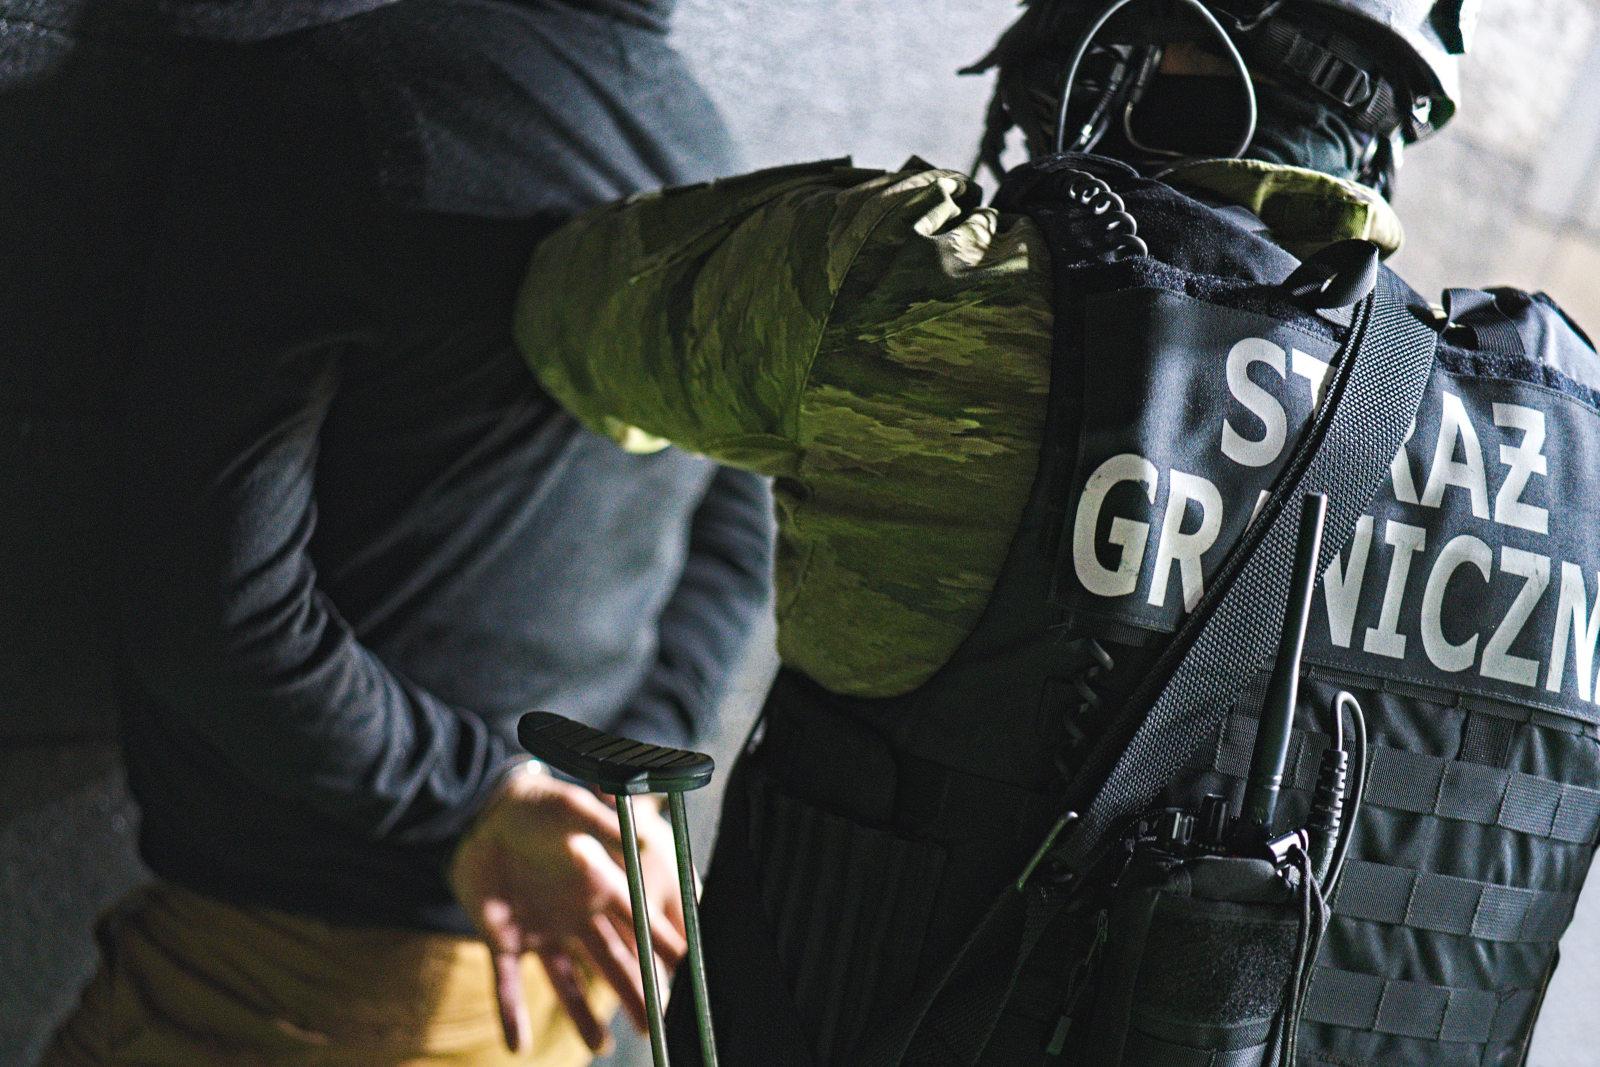 Korczowa: Zatrzymano członka przemytniczej grupy przestępczej - Zdjęcie główne